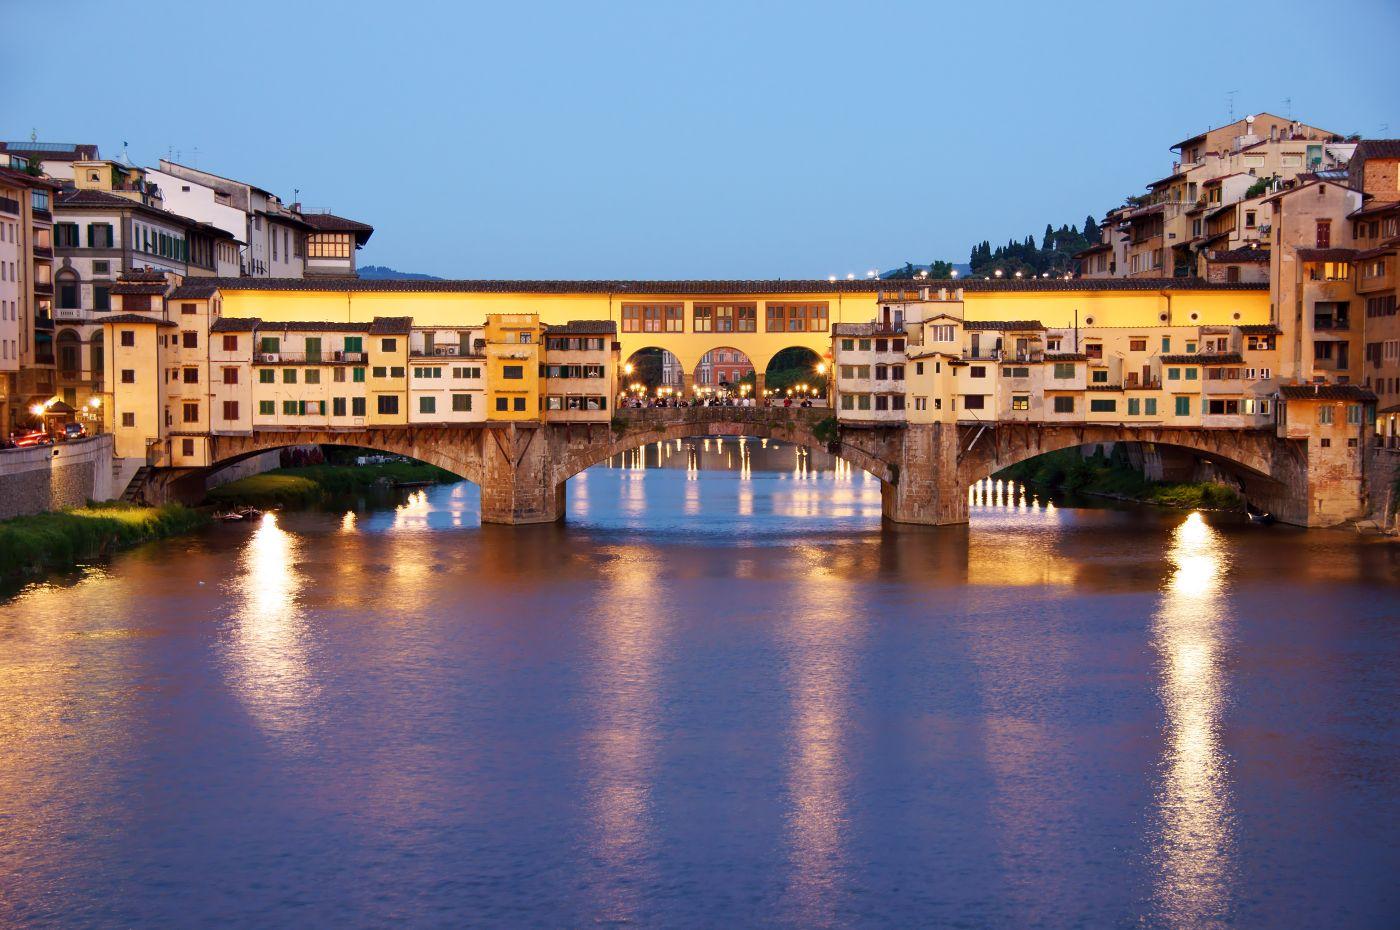 29. Ponte Vecchio - Firenze